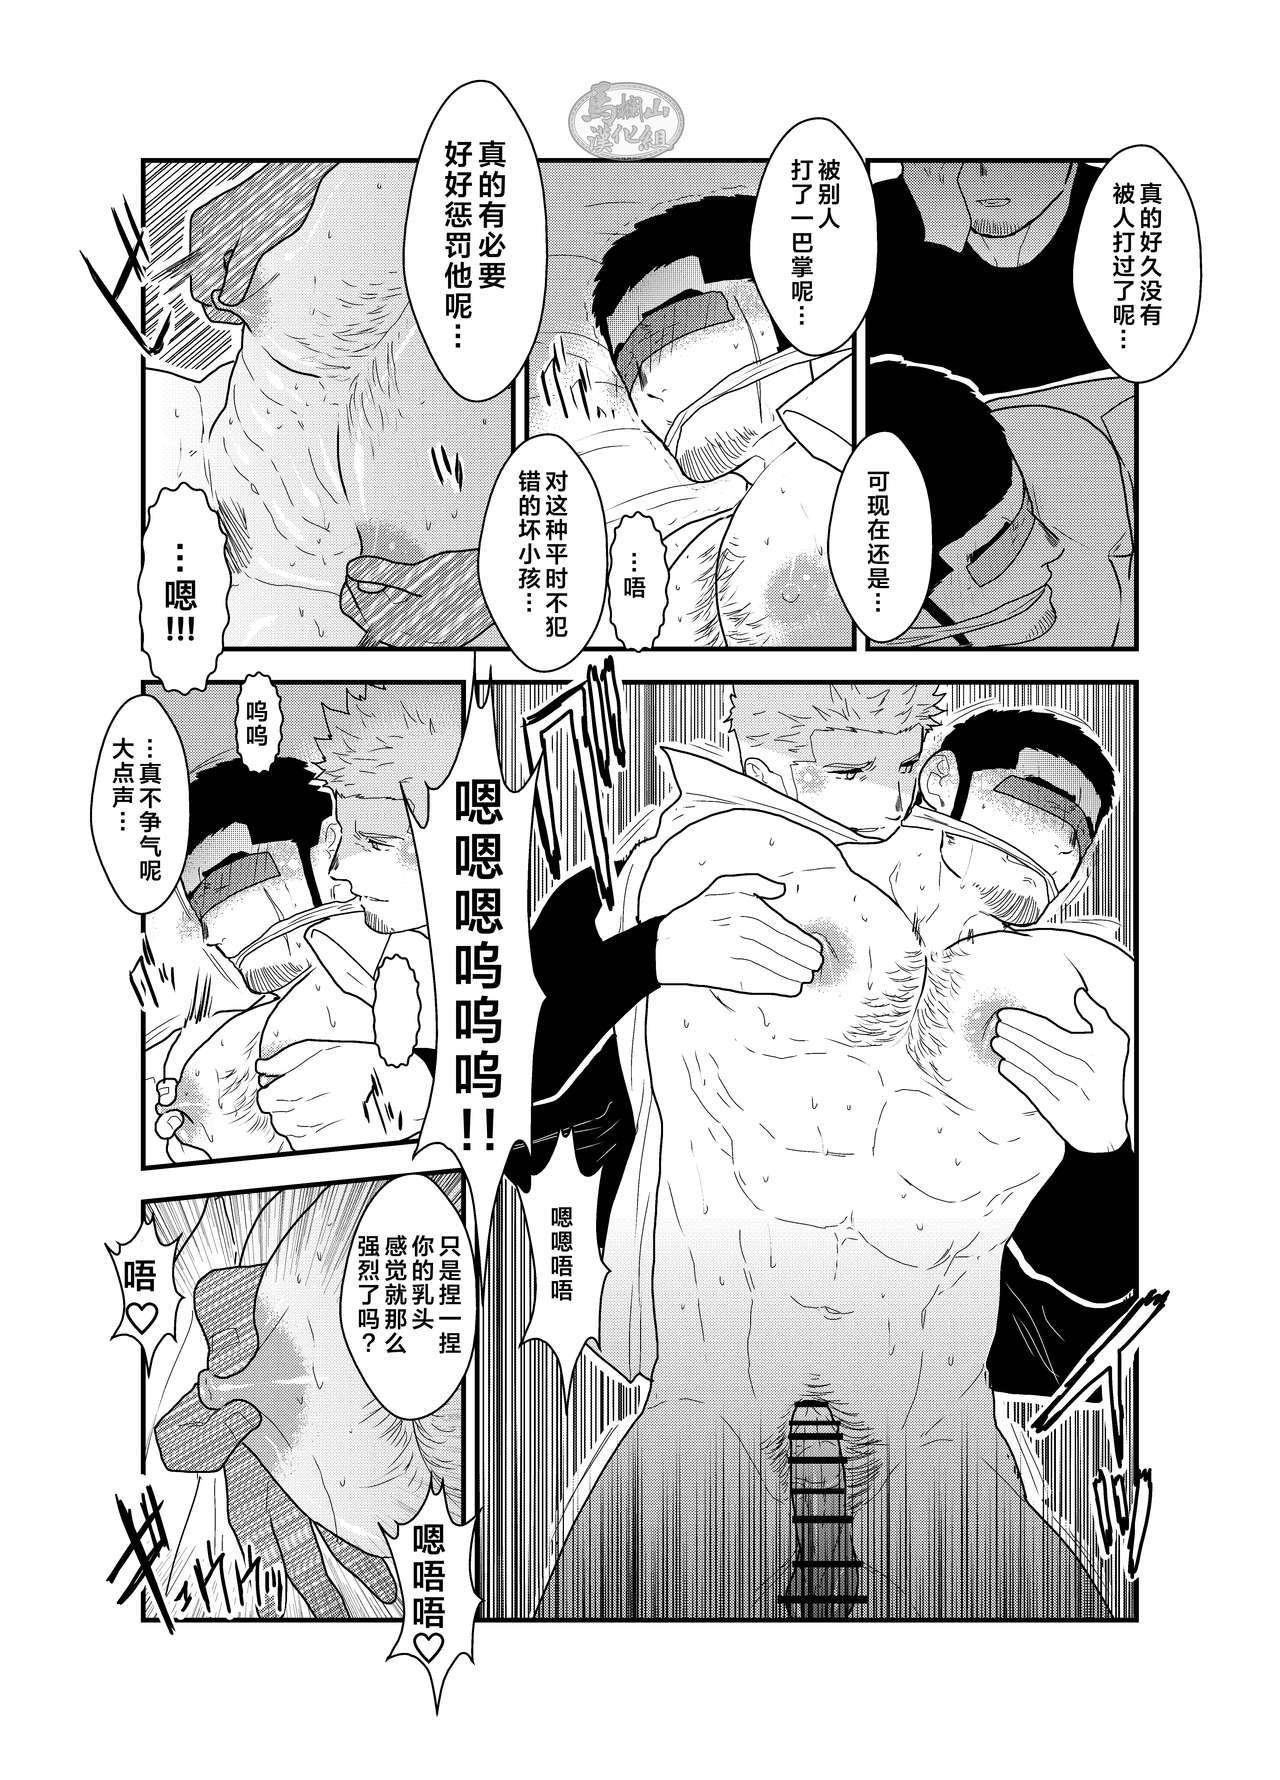 Moshimo Yakuza ni Koigokoro ga Mebae Hajimetara 17